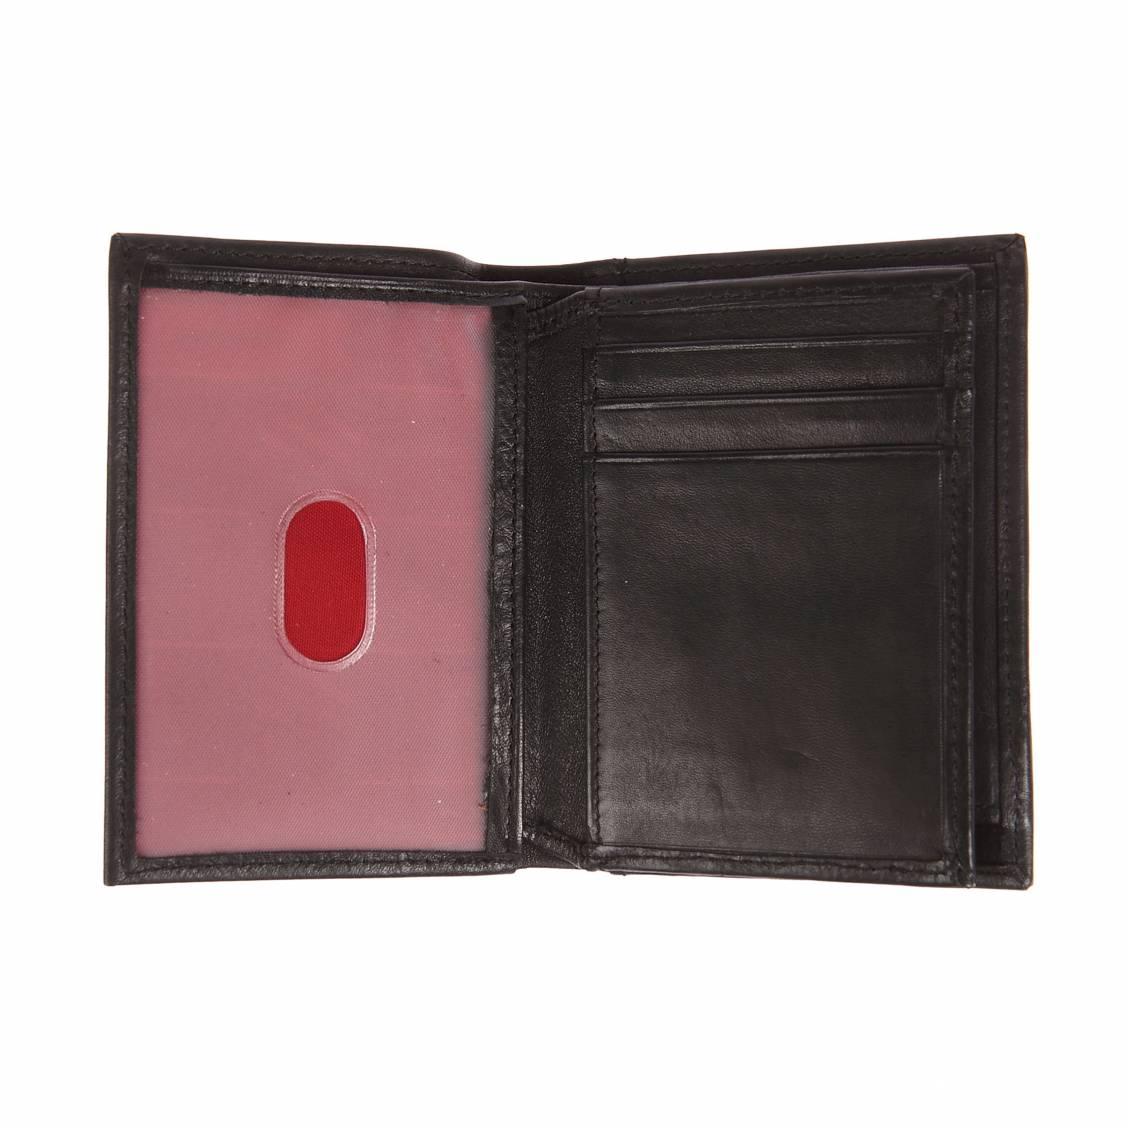 Petit portefeuille européen Serge Blanco à 3 volets en cuir grainé noir K6N2jydoI